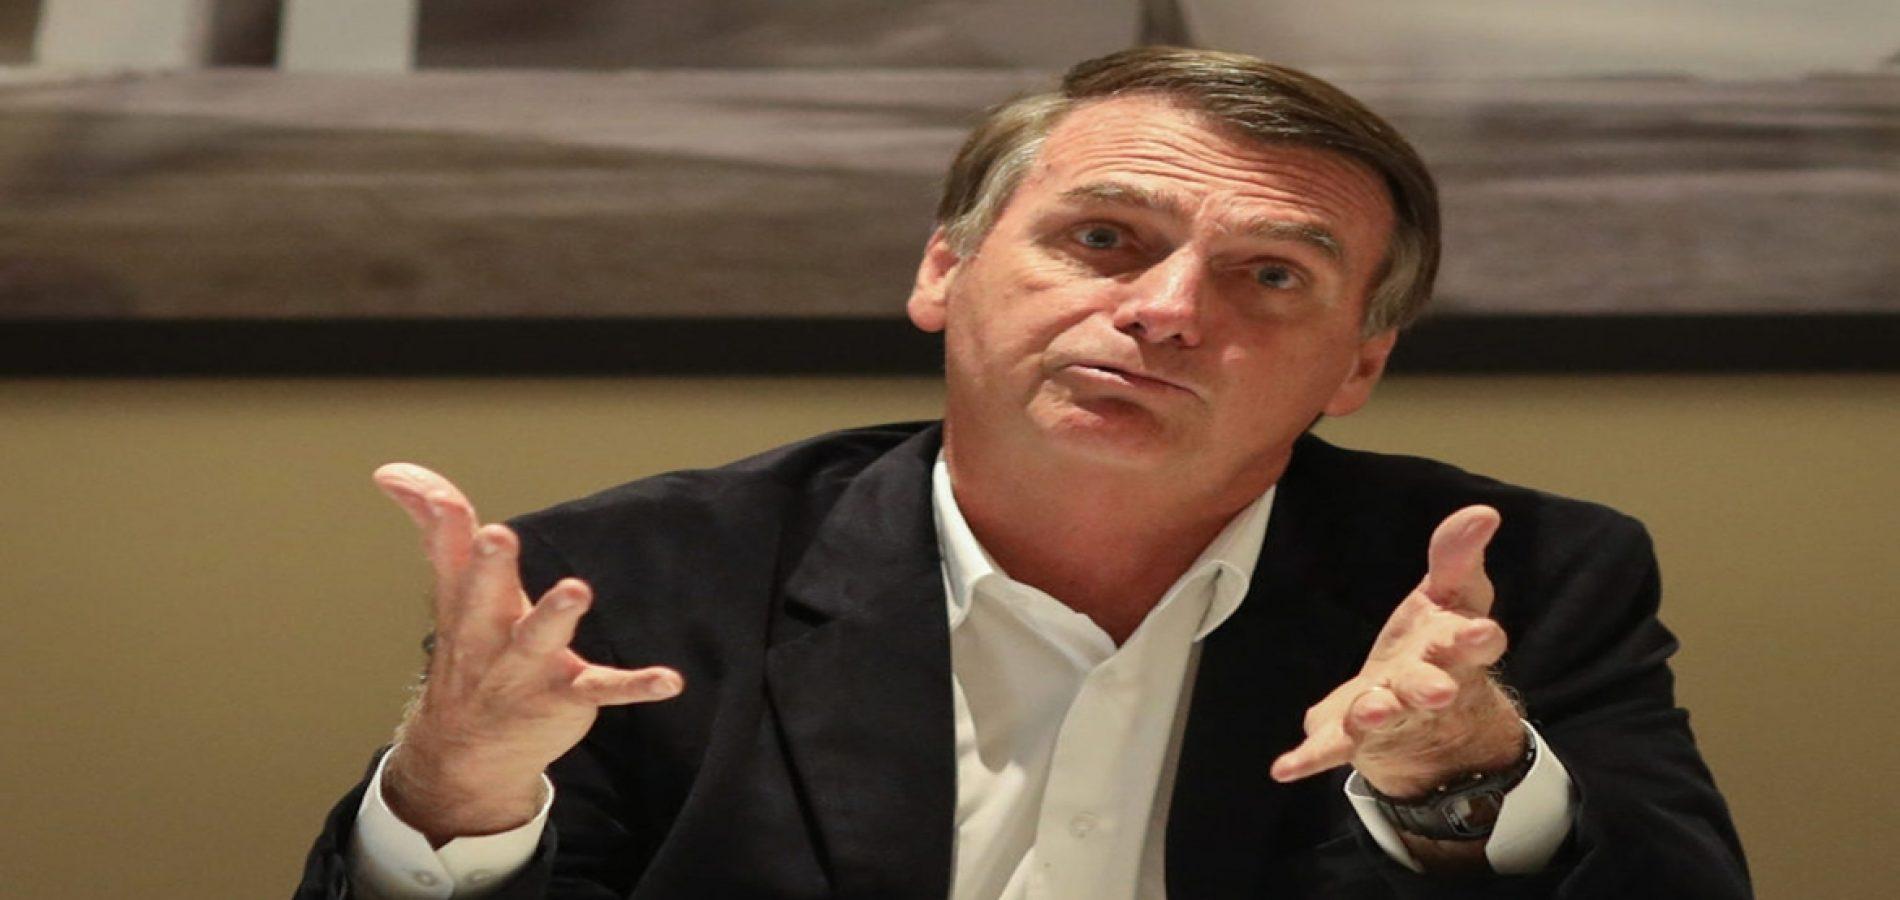 Ação popular pede suspensão do decreto das armas de Bolsonaro